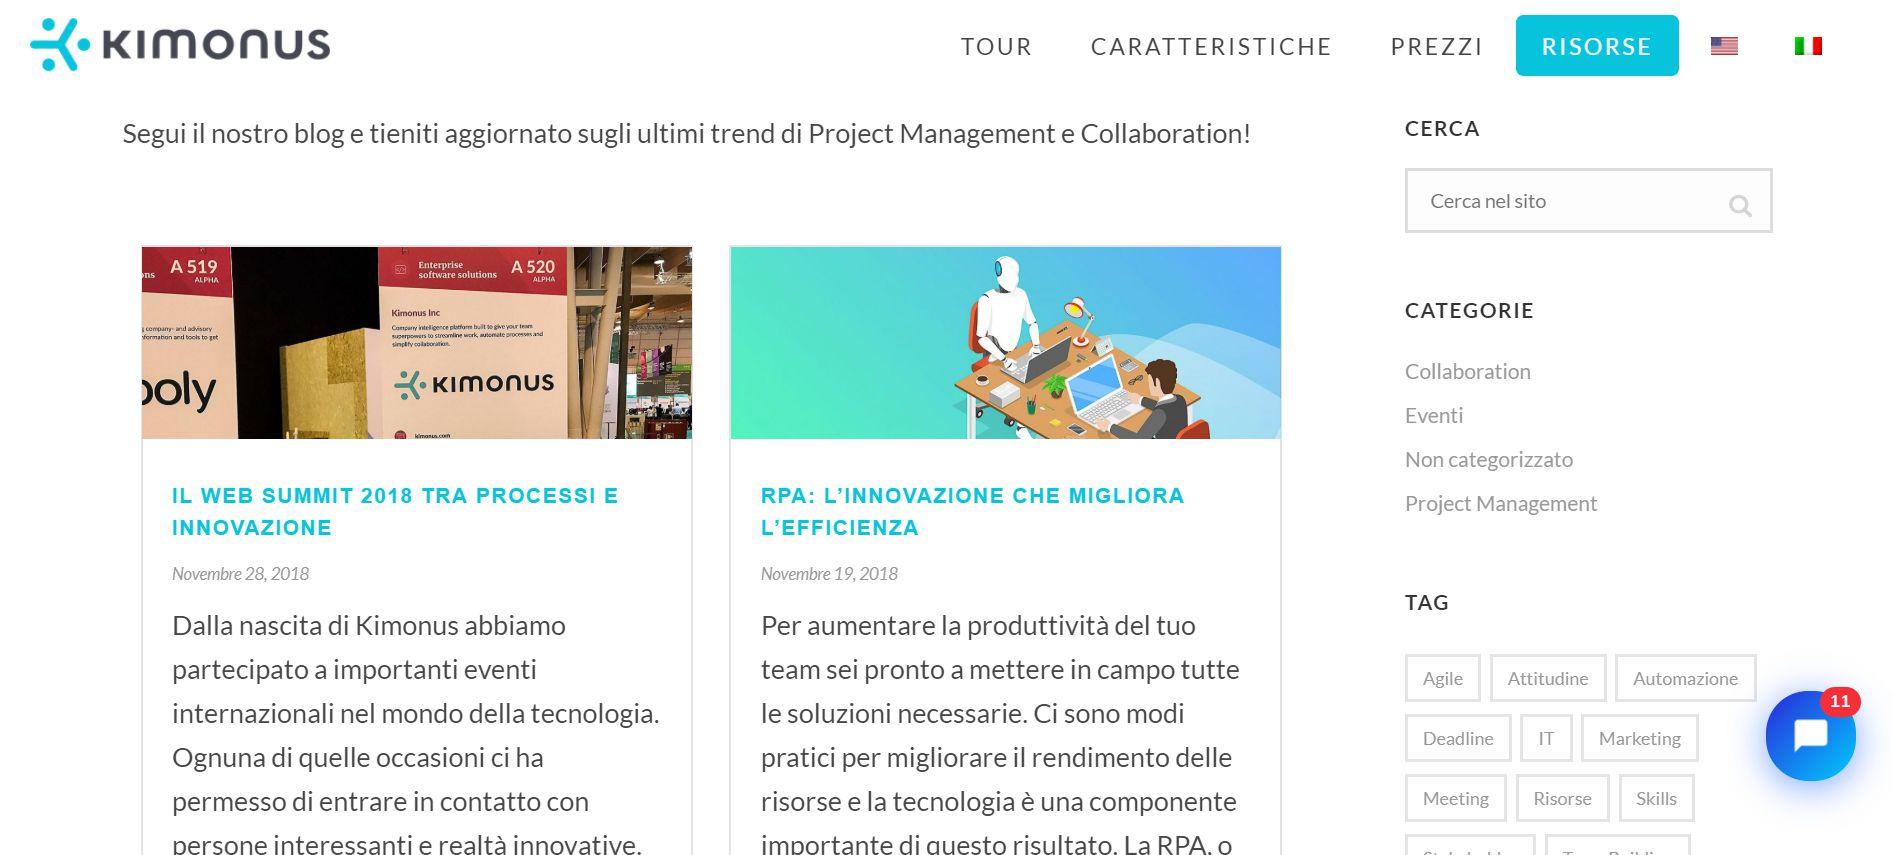 La sezione Blog del sito web di Kimonus.